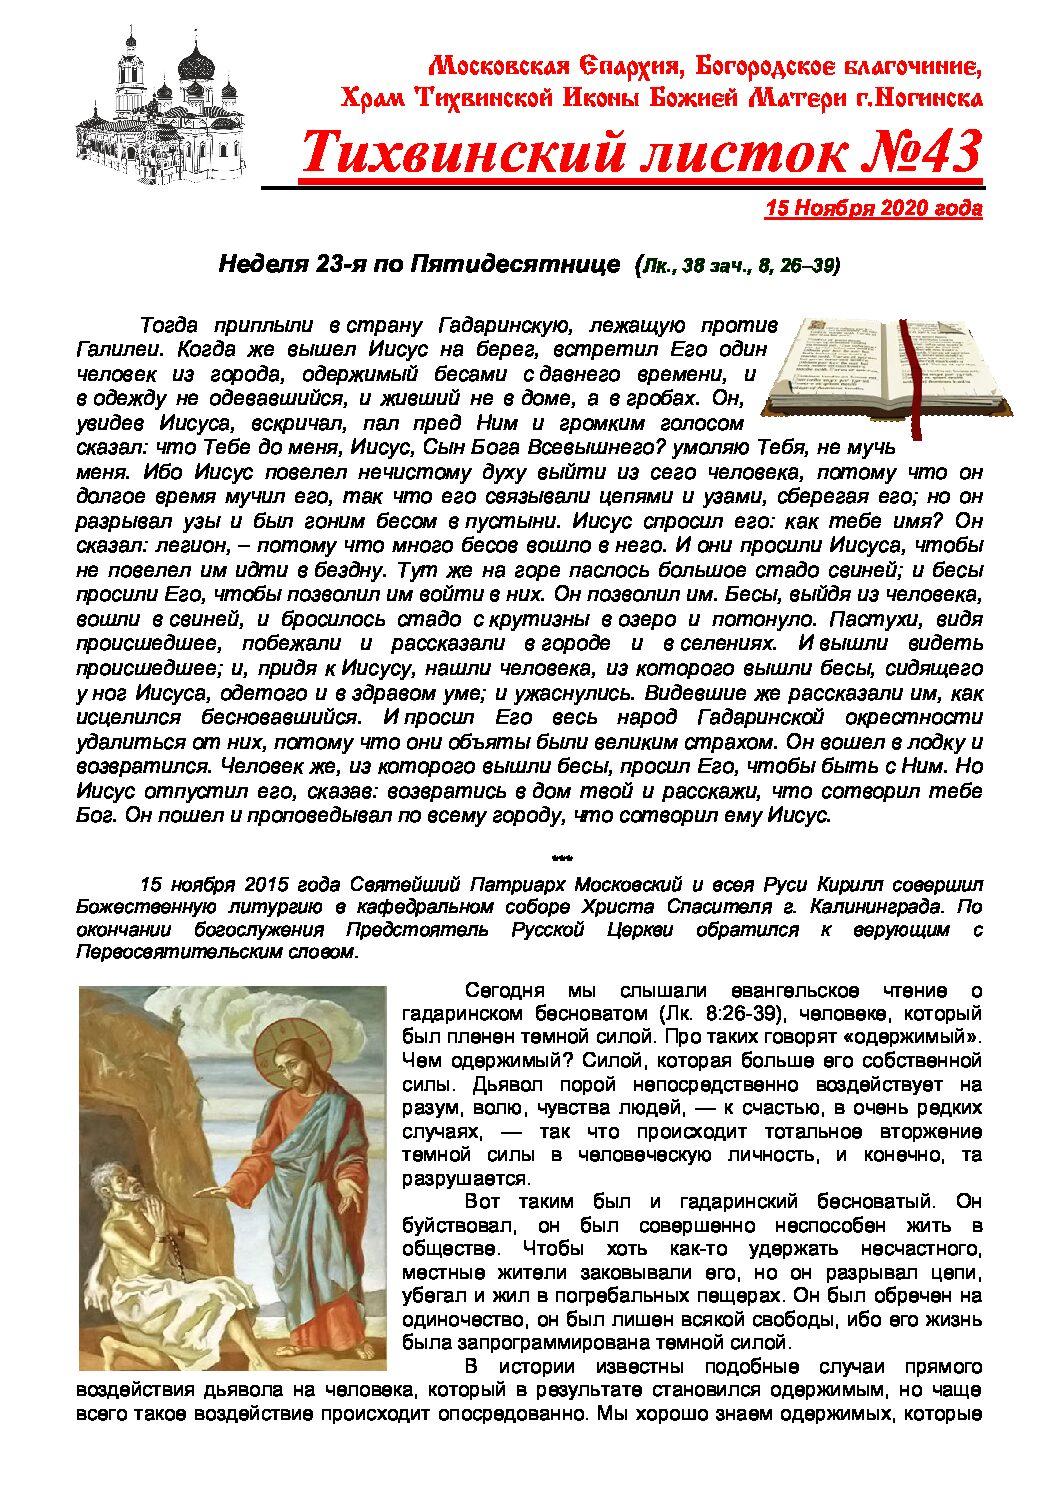 Тихвинский листок №43